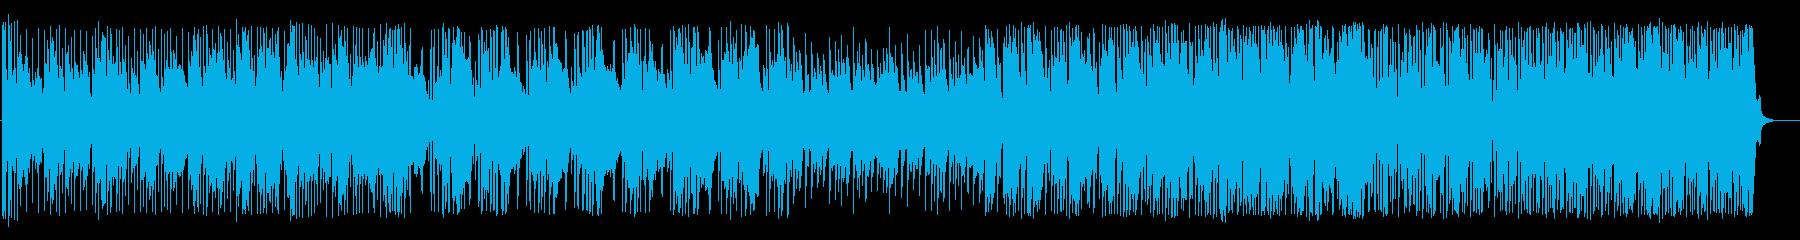 コミカルで未来的・のんびり明るいBGMの再生済みの波形